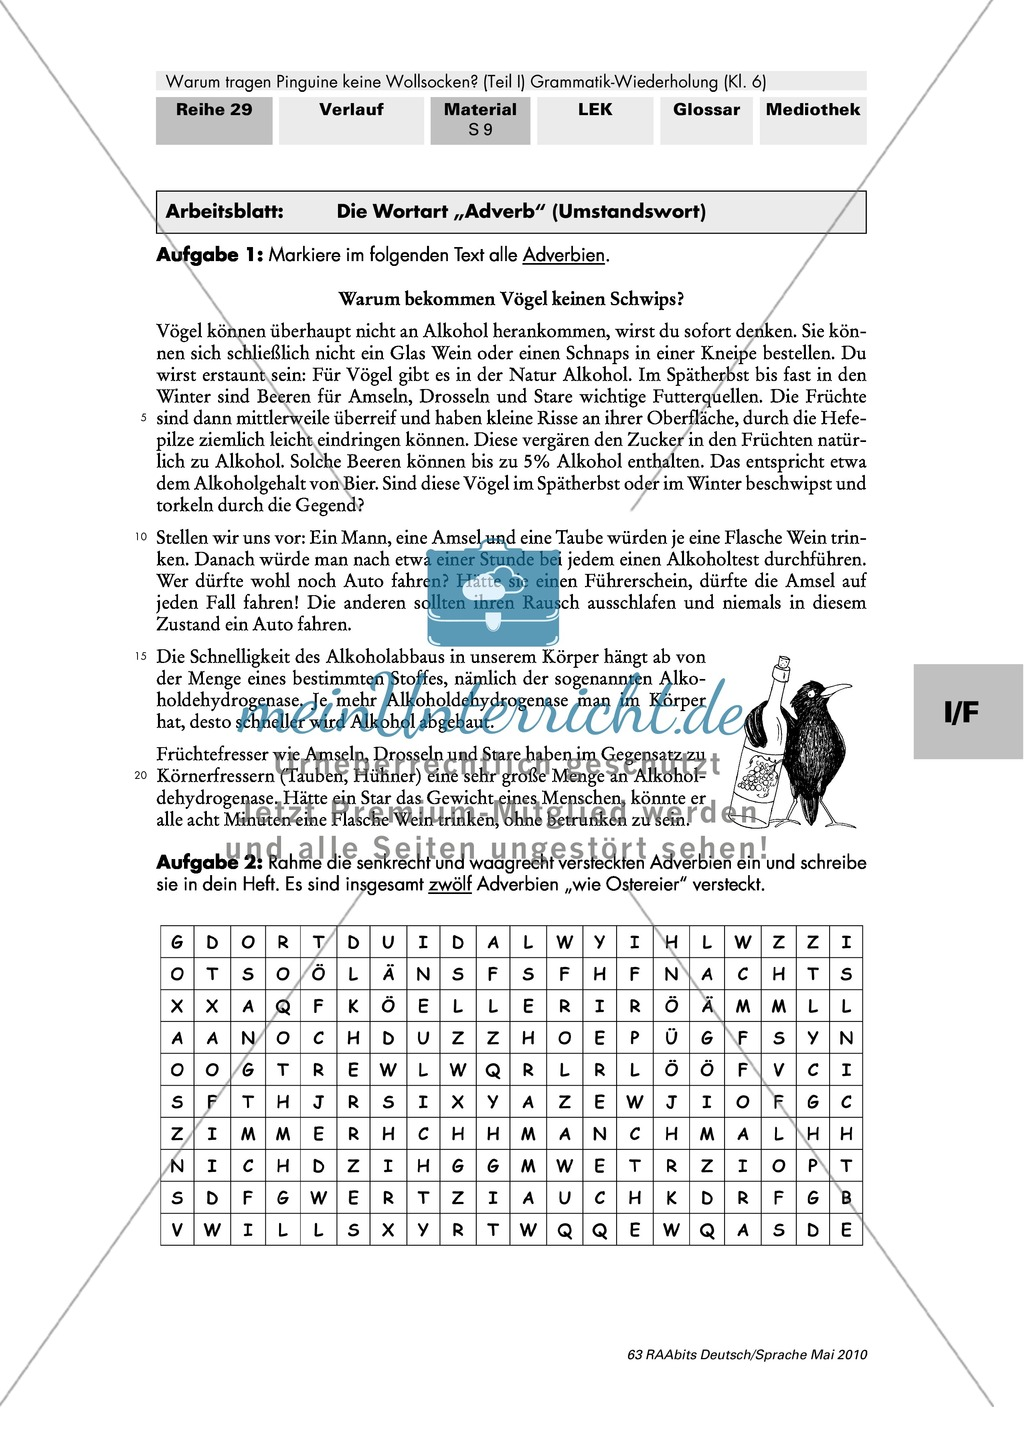 Warum tragen Pinguine keine Wollsocken? Eine individuelle Grammatik-Wiederholung zu den Wortarten Preview 14